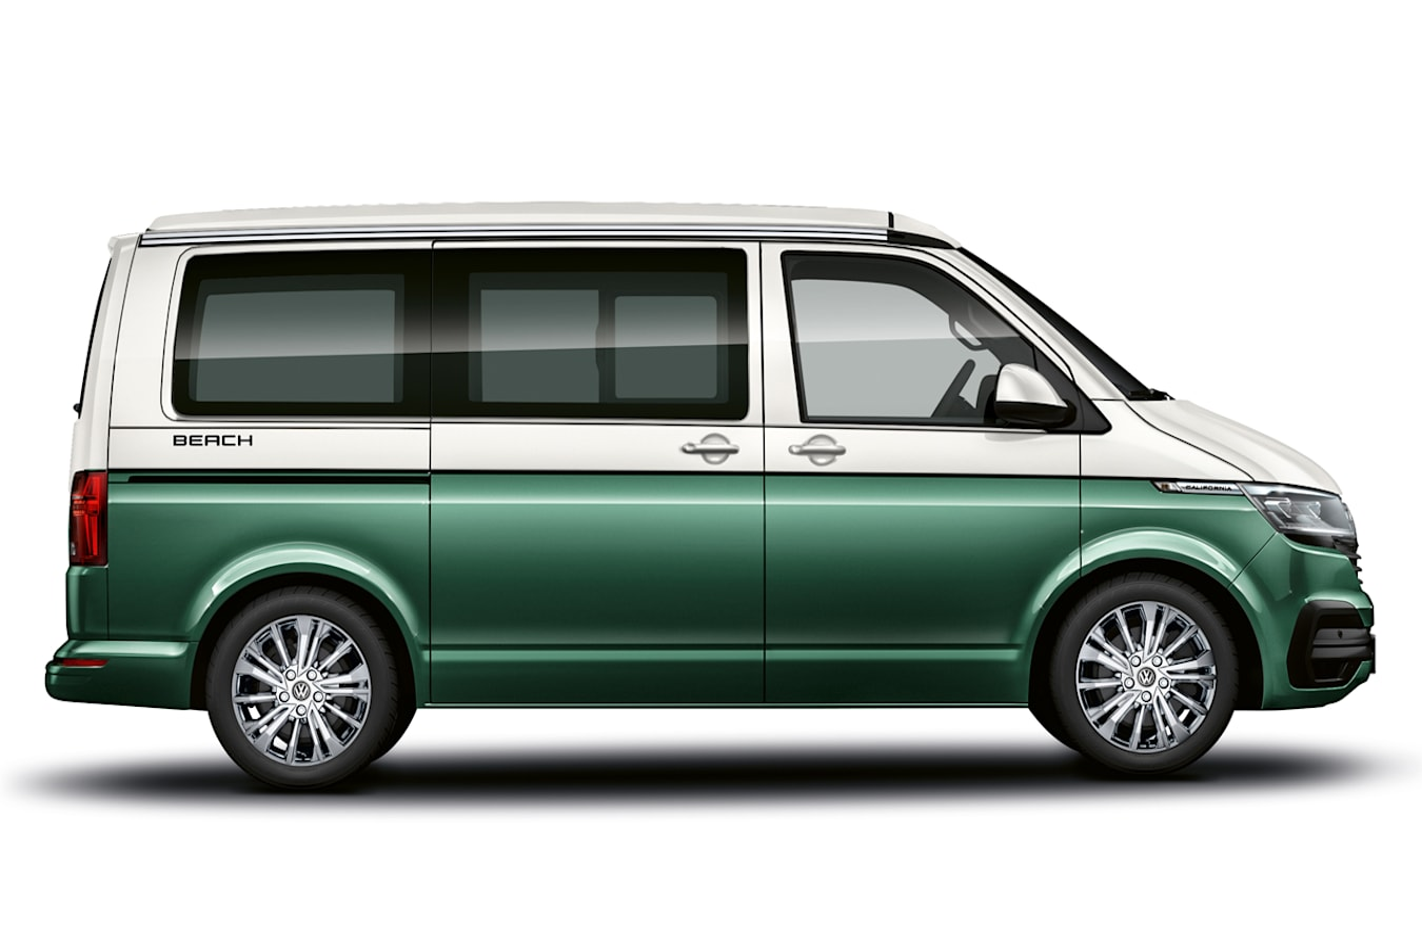 2020 Volkswagen California Beach Camper Van